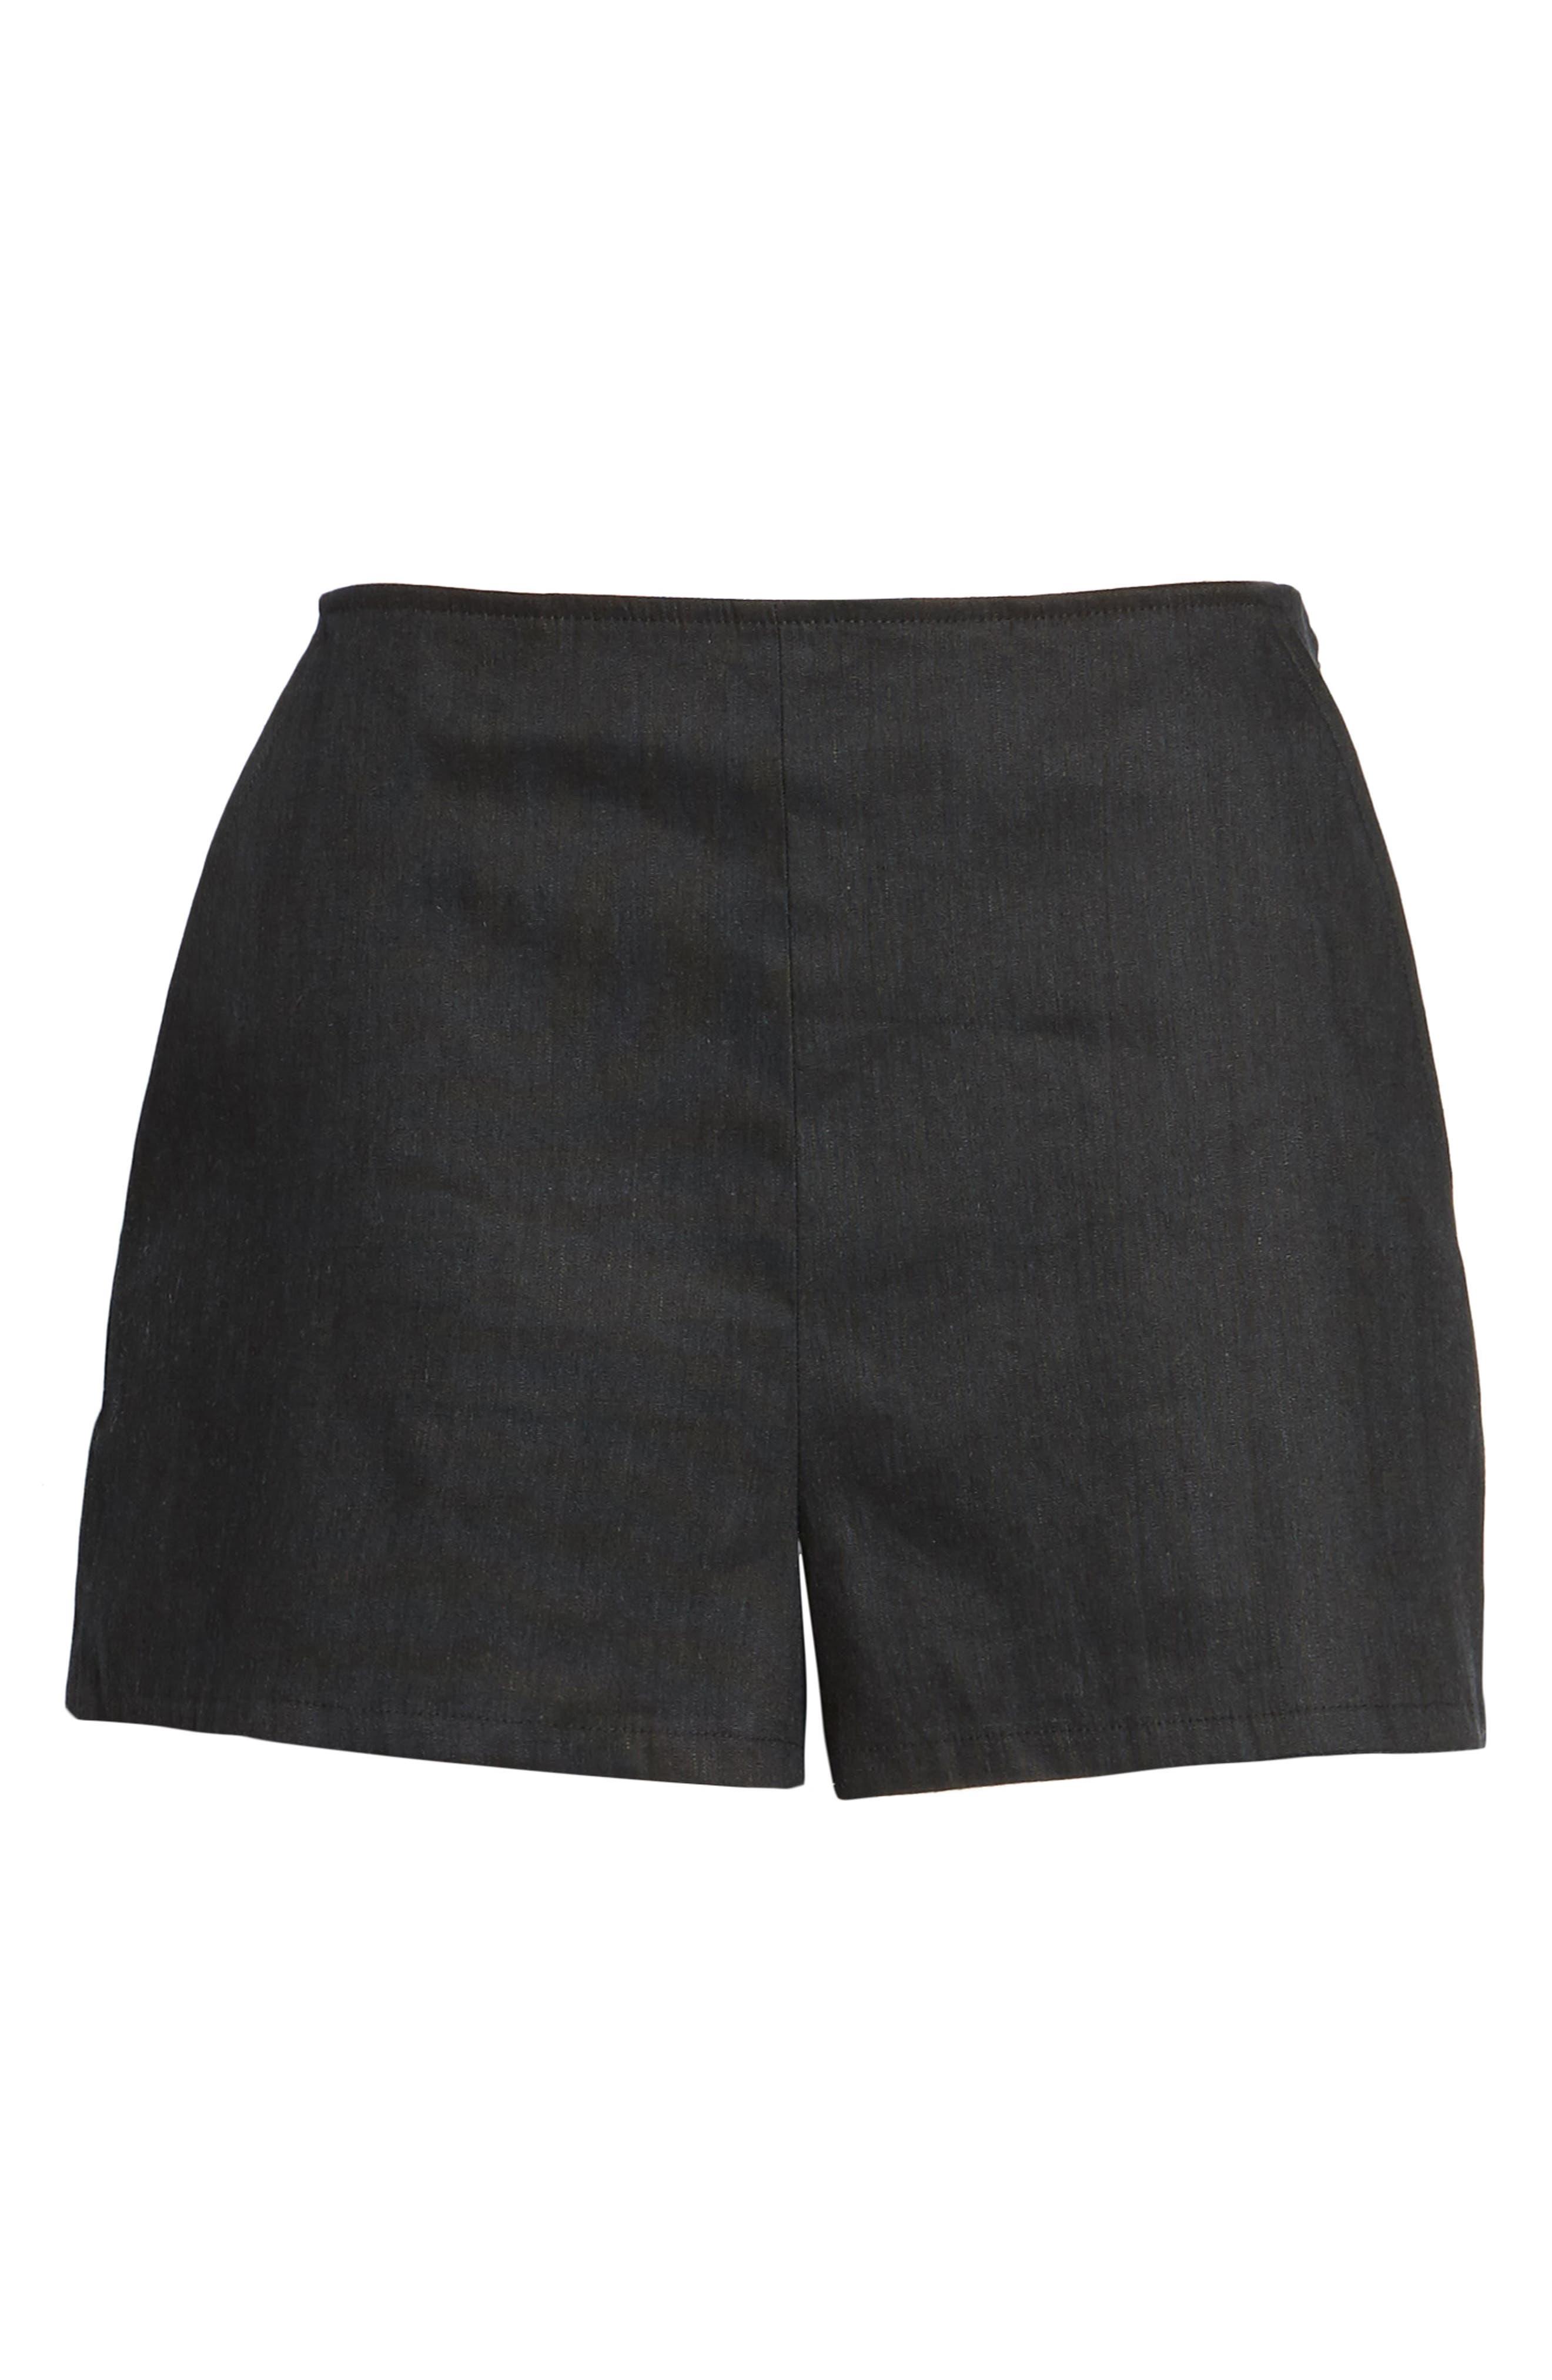 High Waist Linen Blend Shorts,                             Alternate thumbnail 6, color,                             001